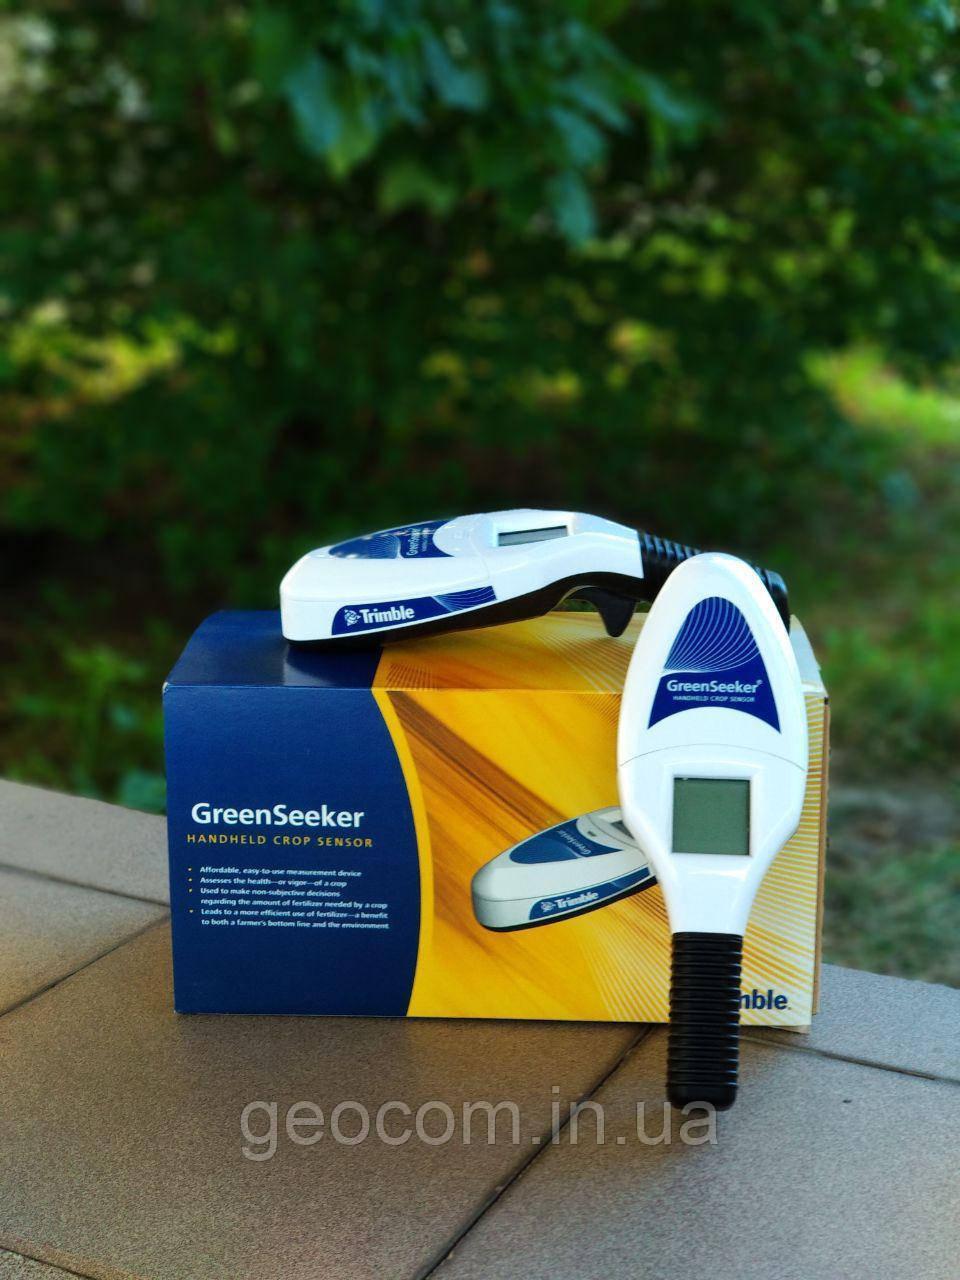 Green Seeker Handheld